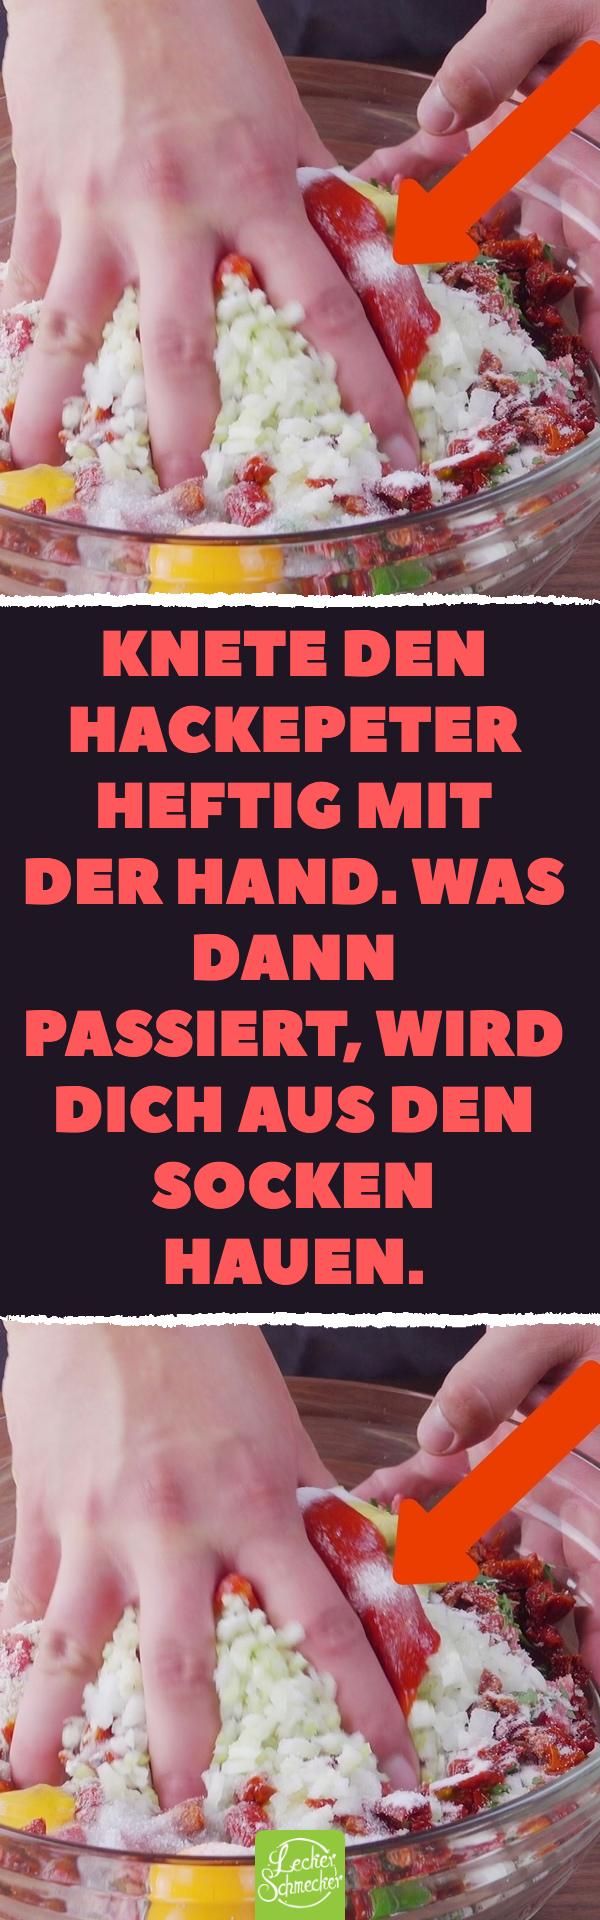 Knete Den Hackepeter Heftig Mit Der Hand Was Dann Passiert Wird